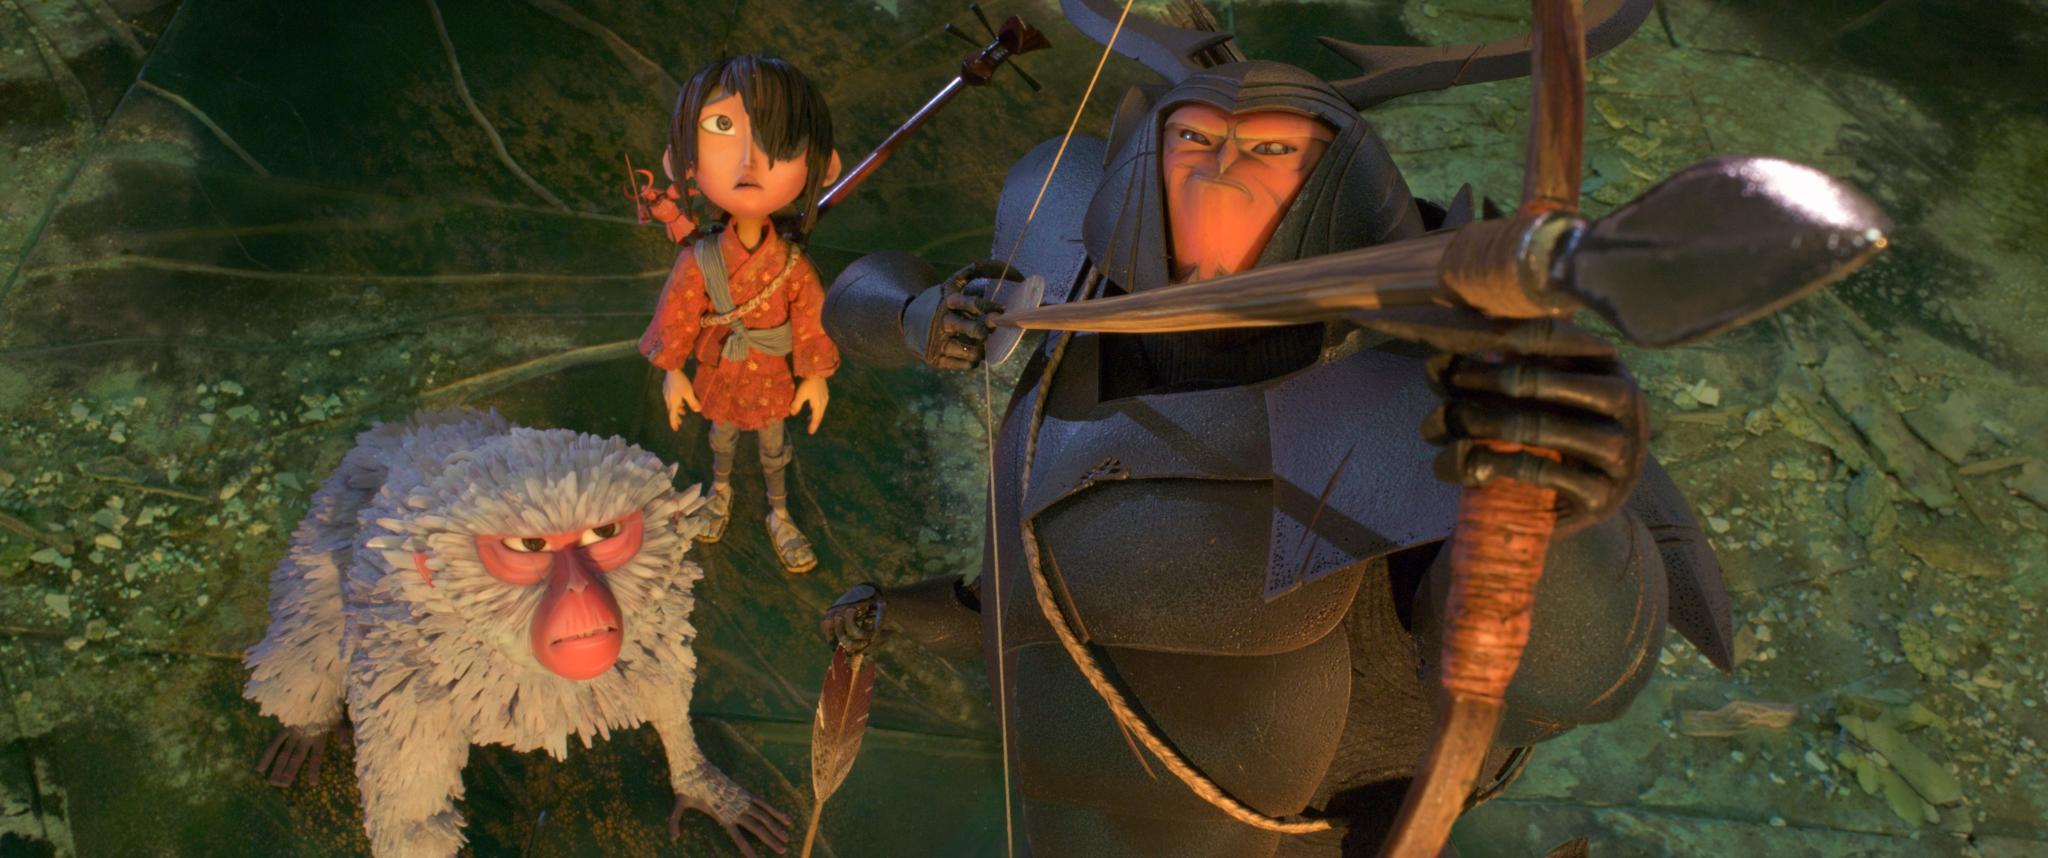 【酷寶:魔弦傳說】充滿東洋味的驚心動魄冒險旅程!